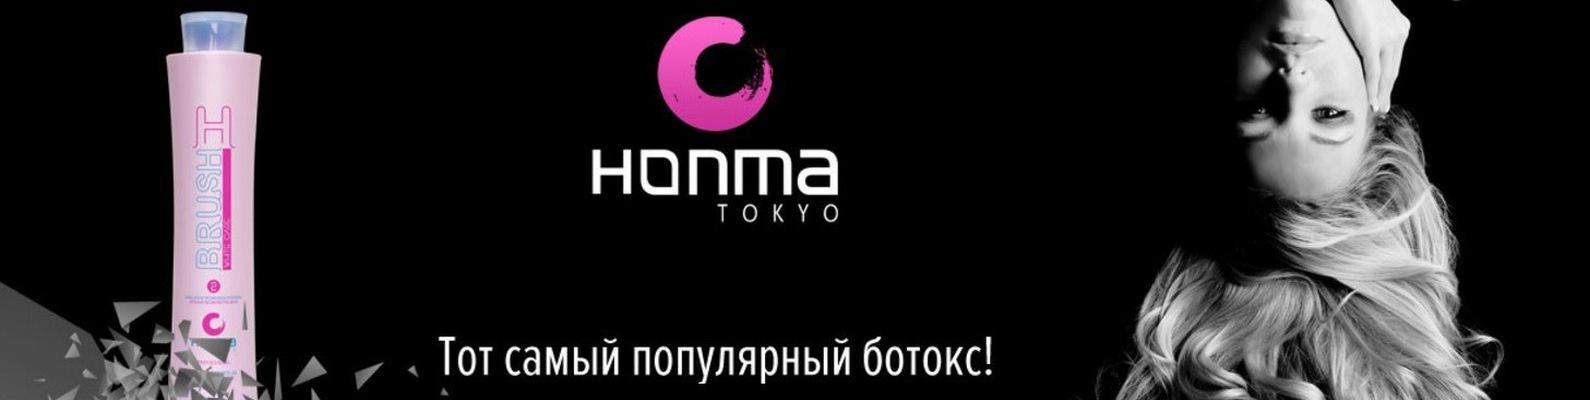 Биксипластия хонма токио отзывы